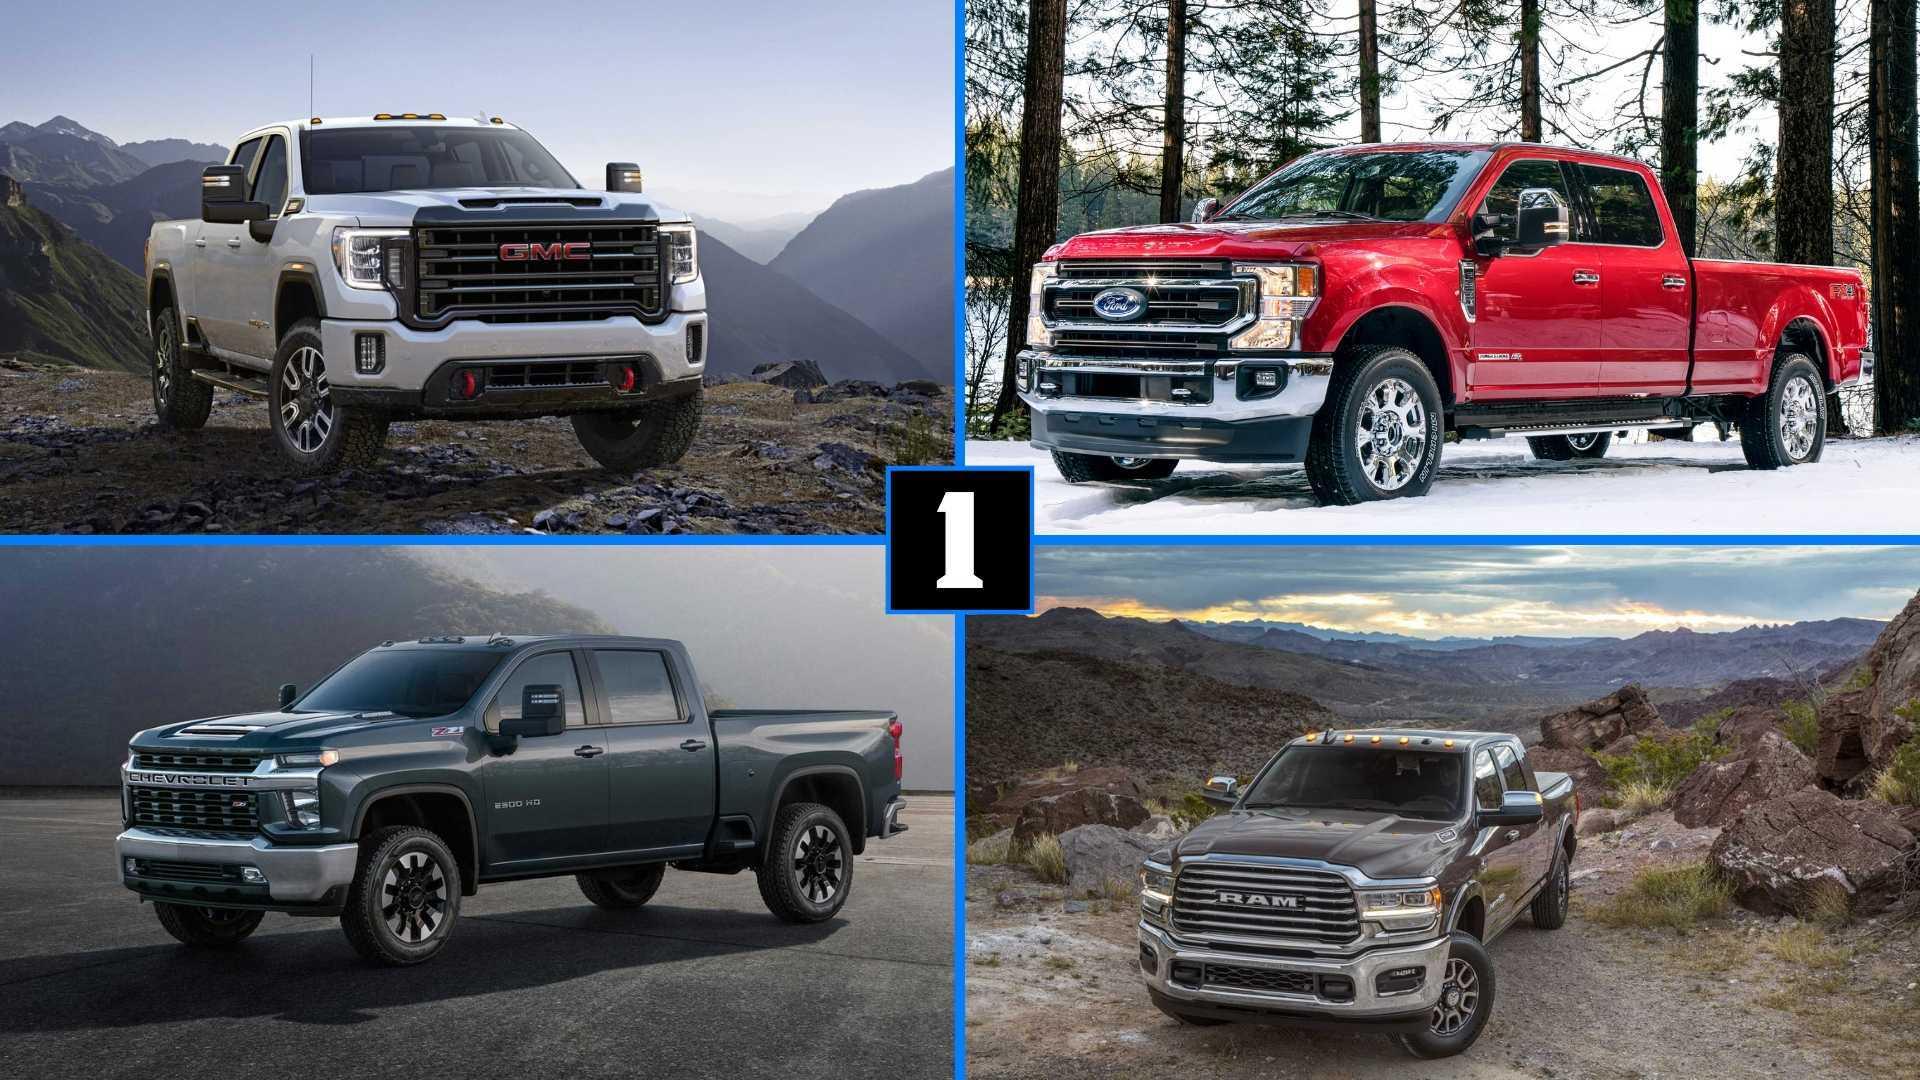 Heavy Duty Pickup Truck Comparison Super Duty Vs Ram Vs Silverado